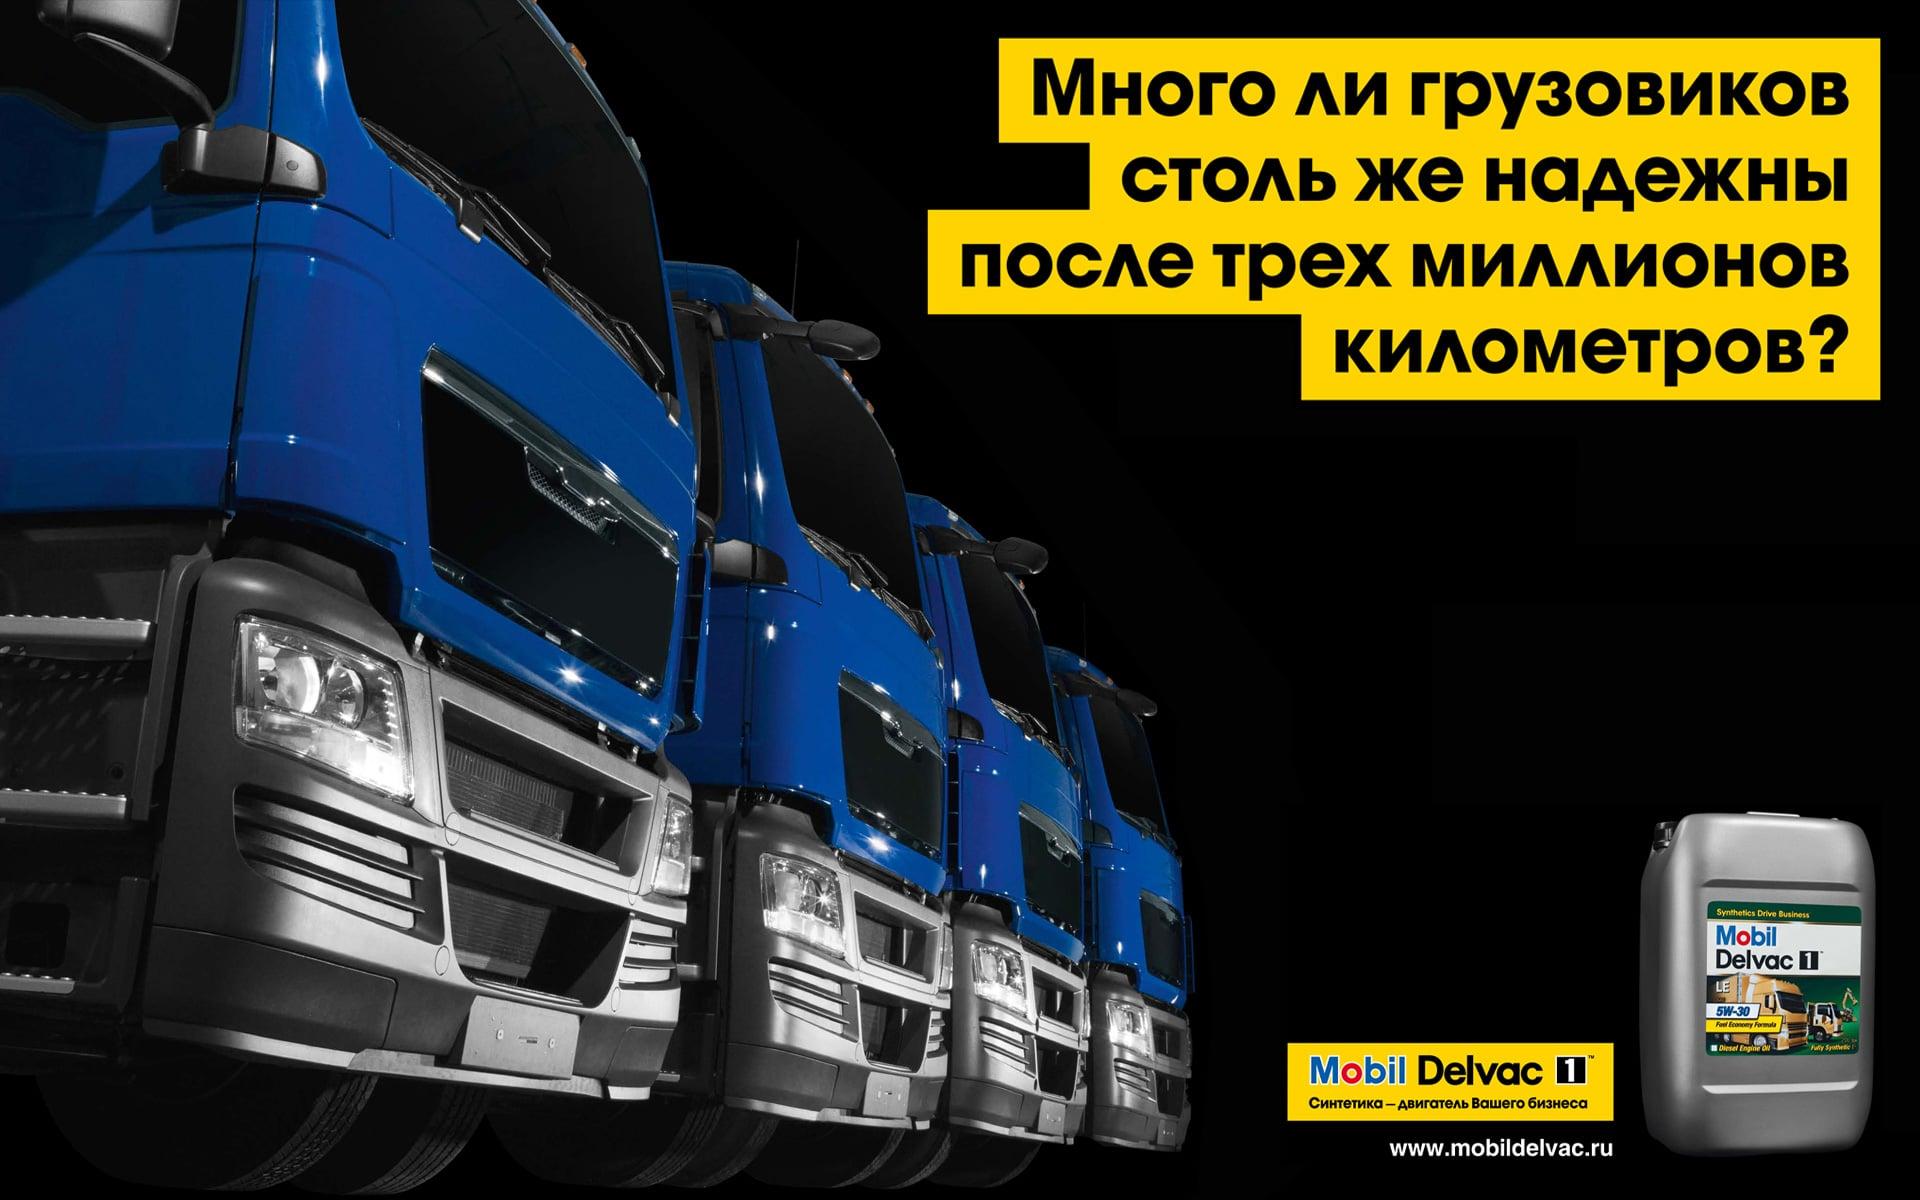 MOBIL_DV1_RUS6_sq.jpg